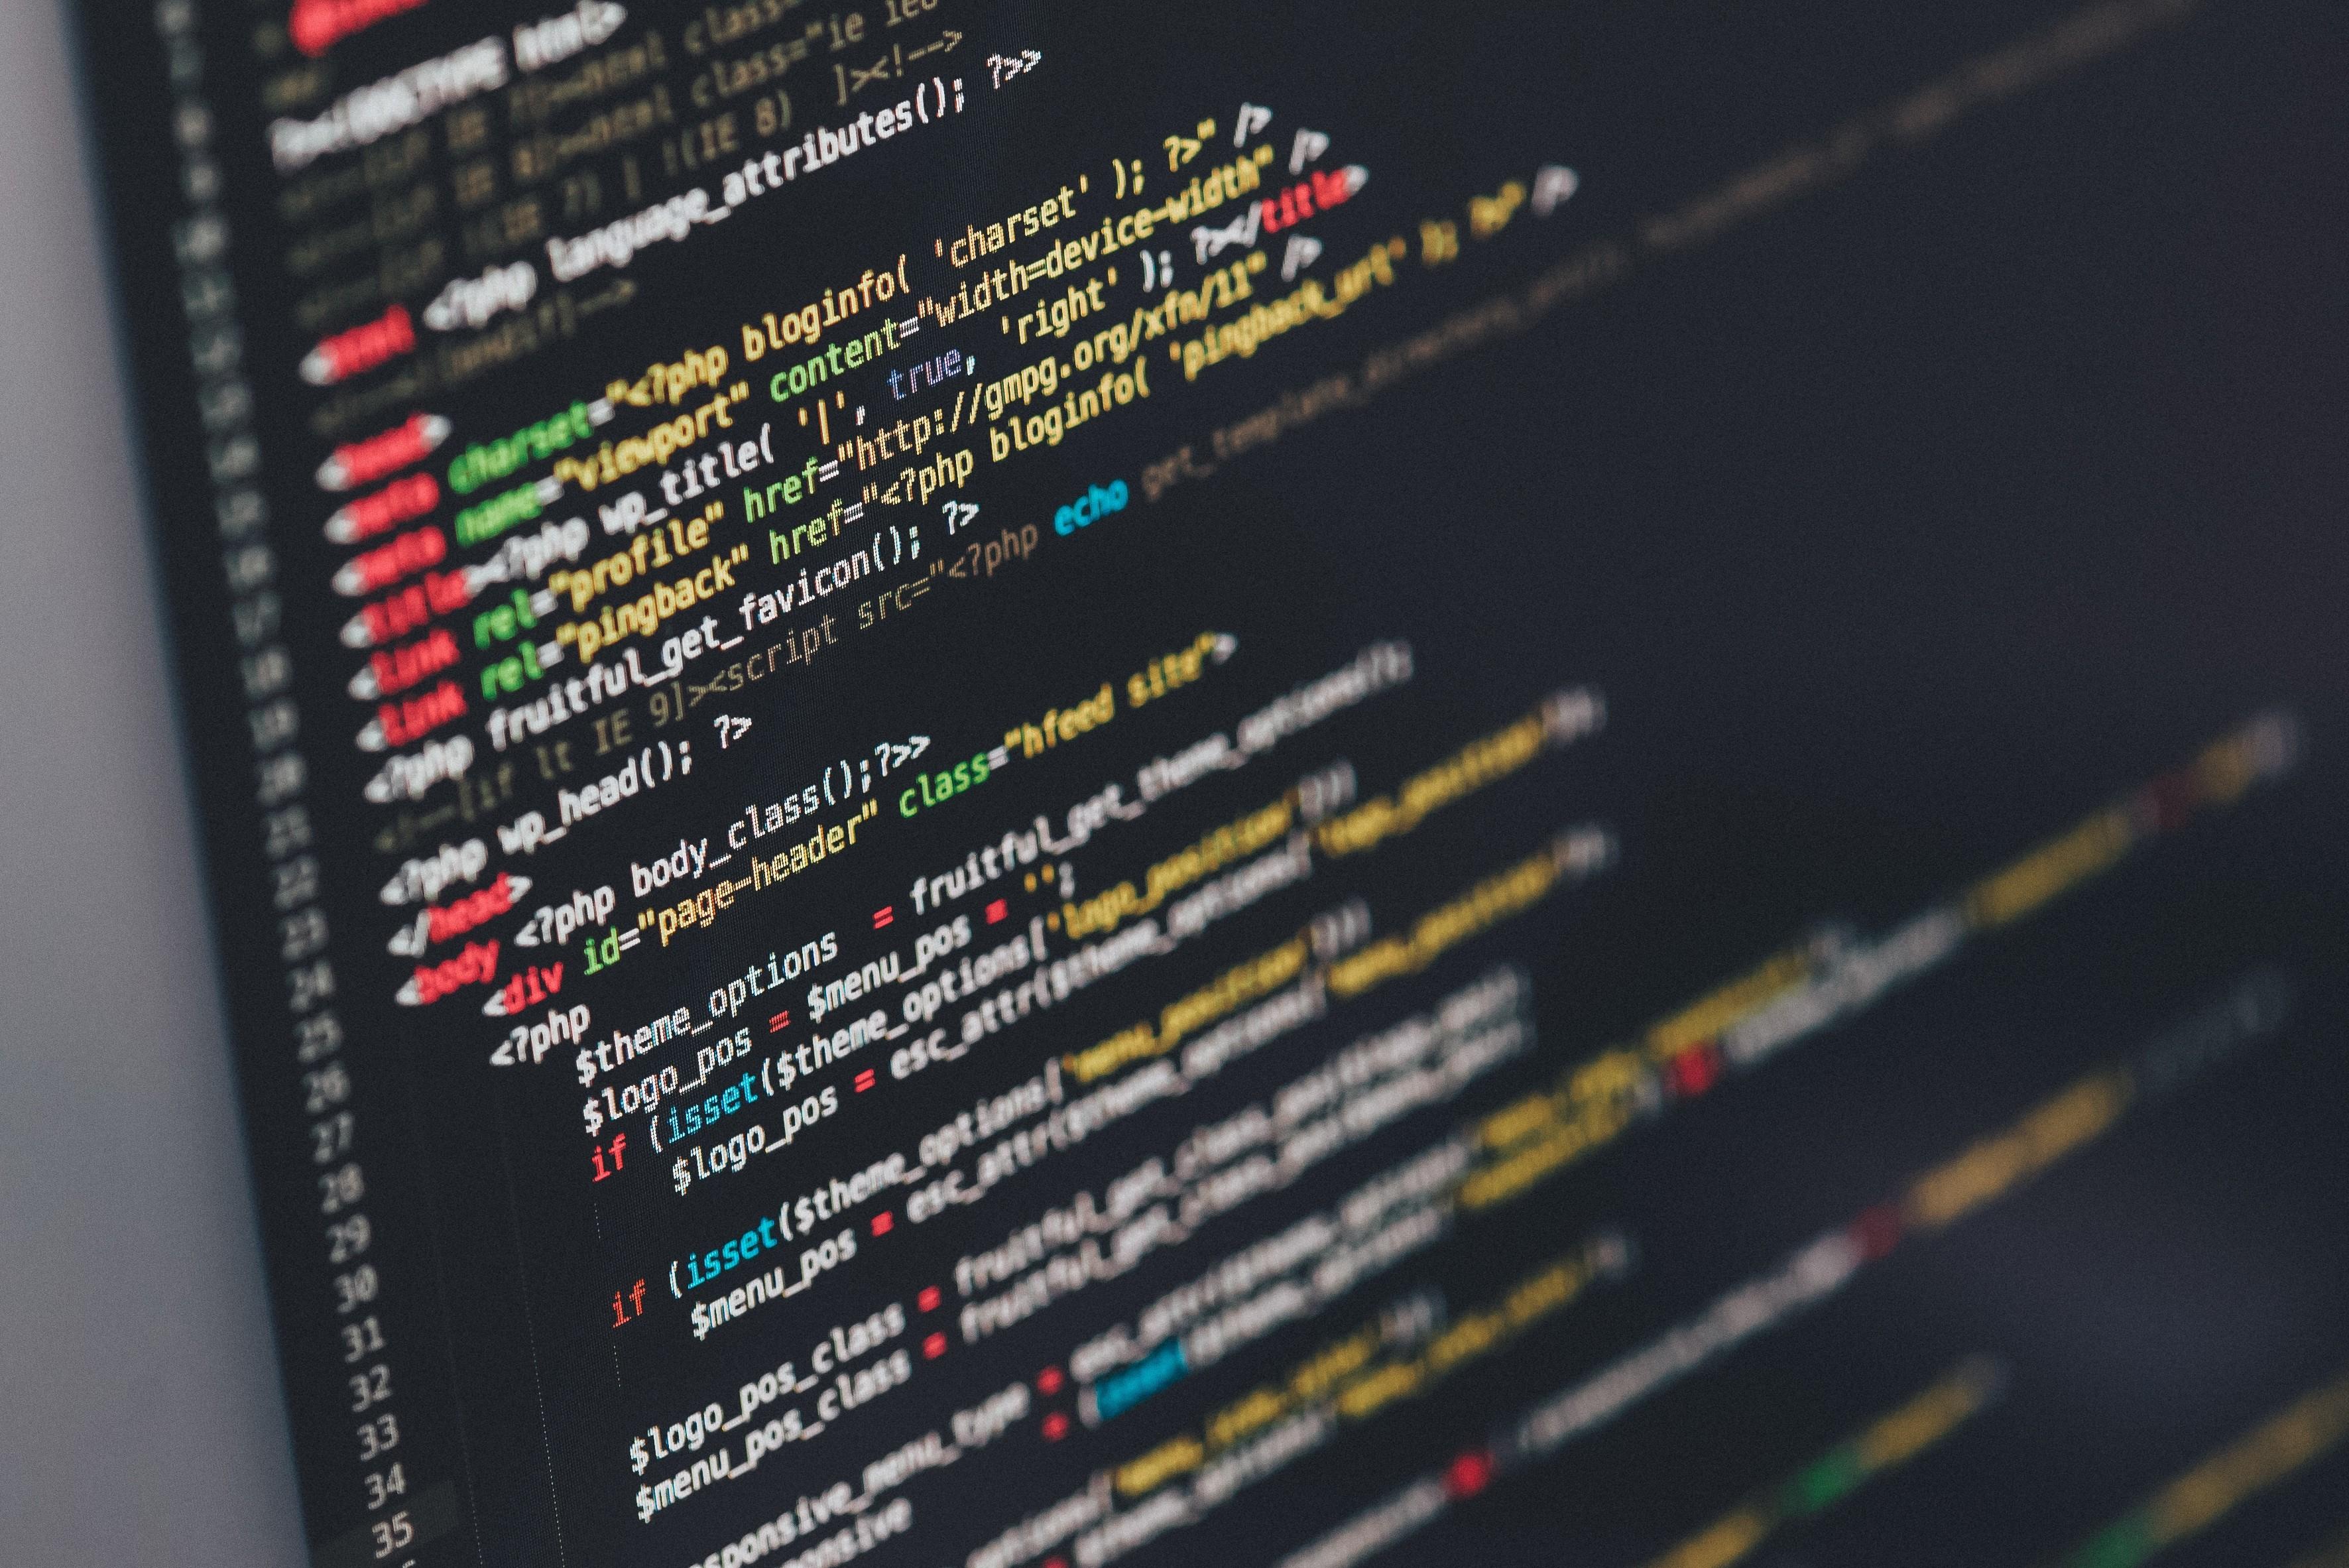 PHP SIK KULLANILAN KODLAR